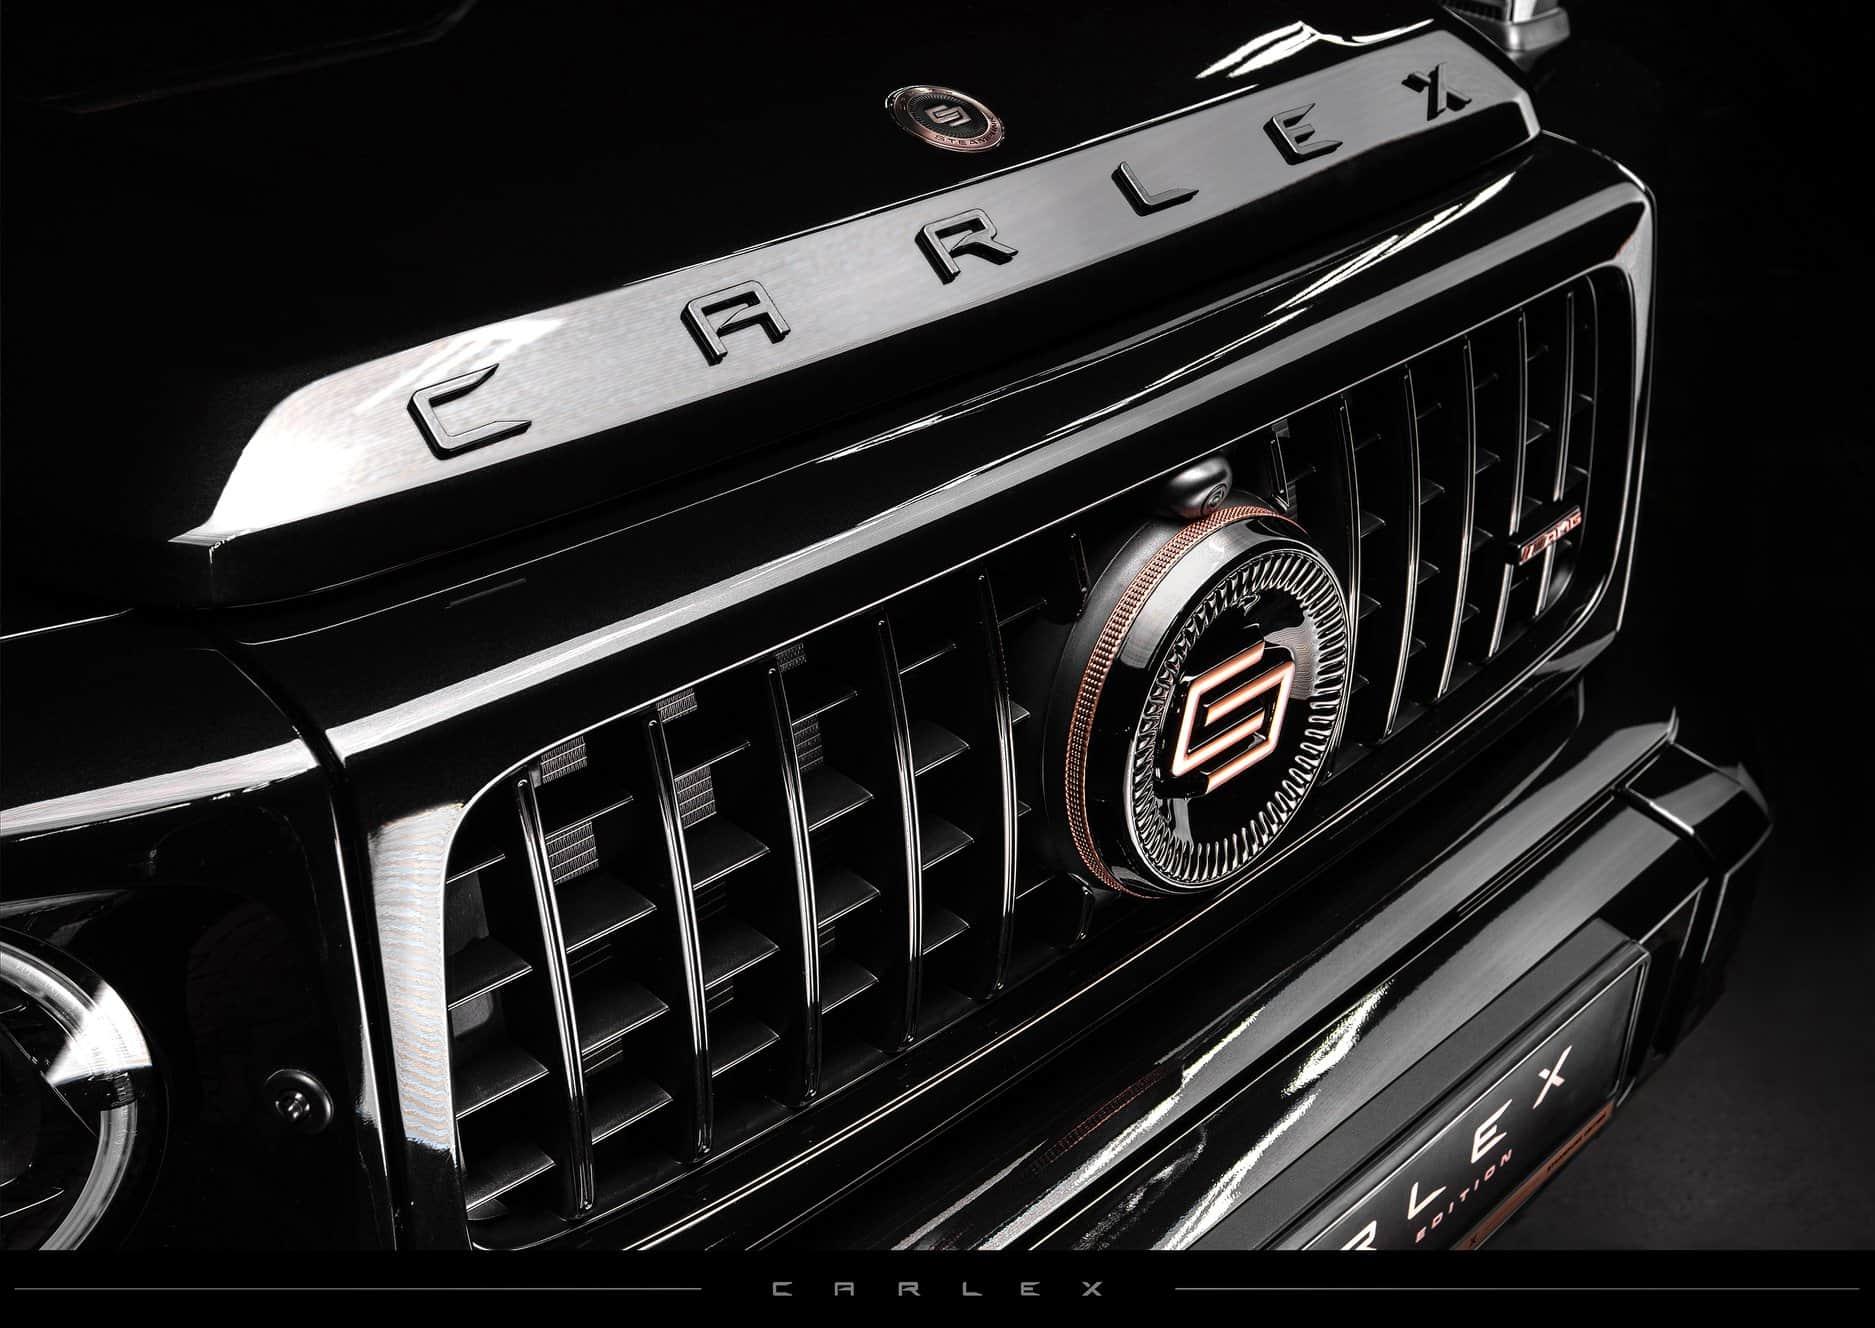 Mercedes G63 AMG Steampunk Edition by Carlex Design